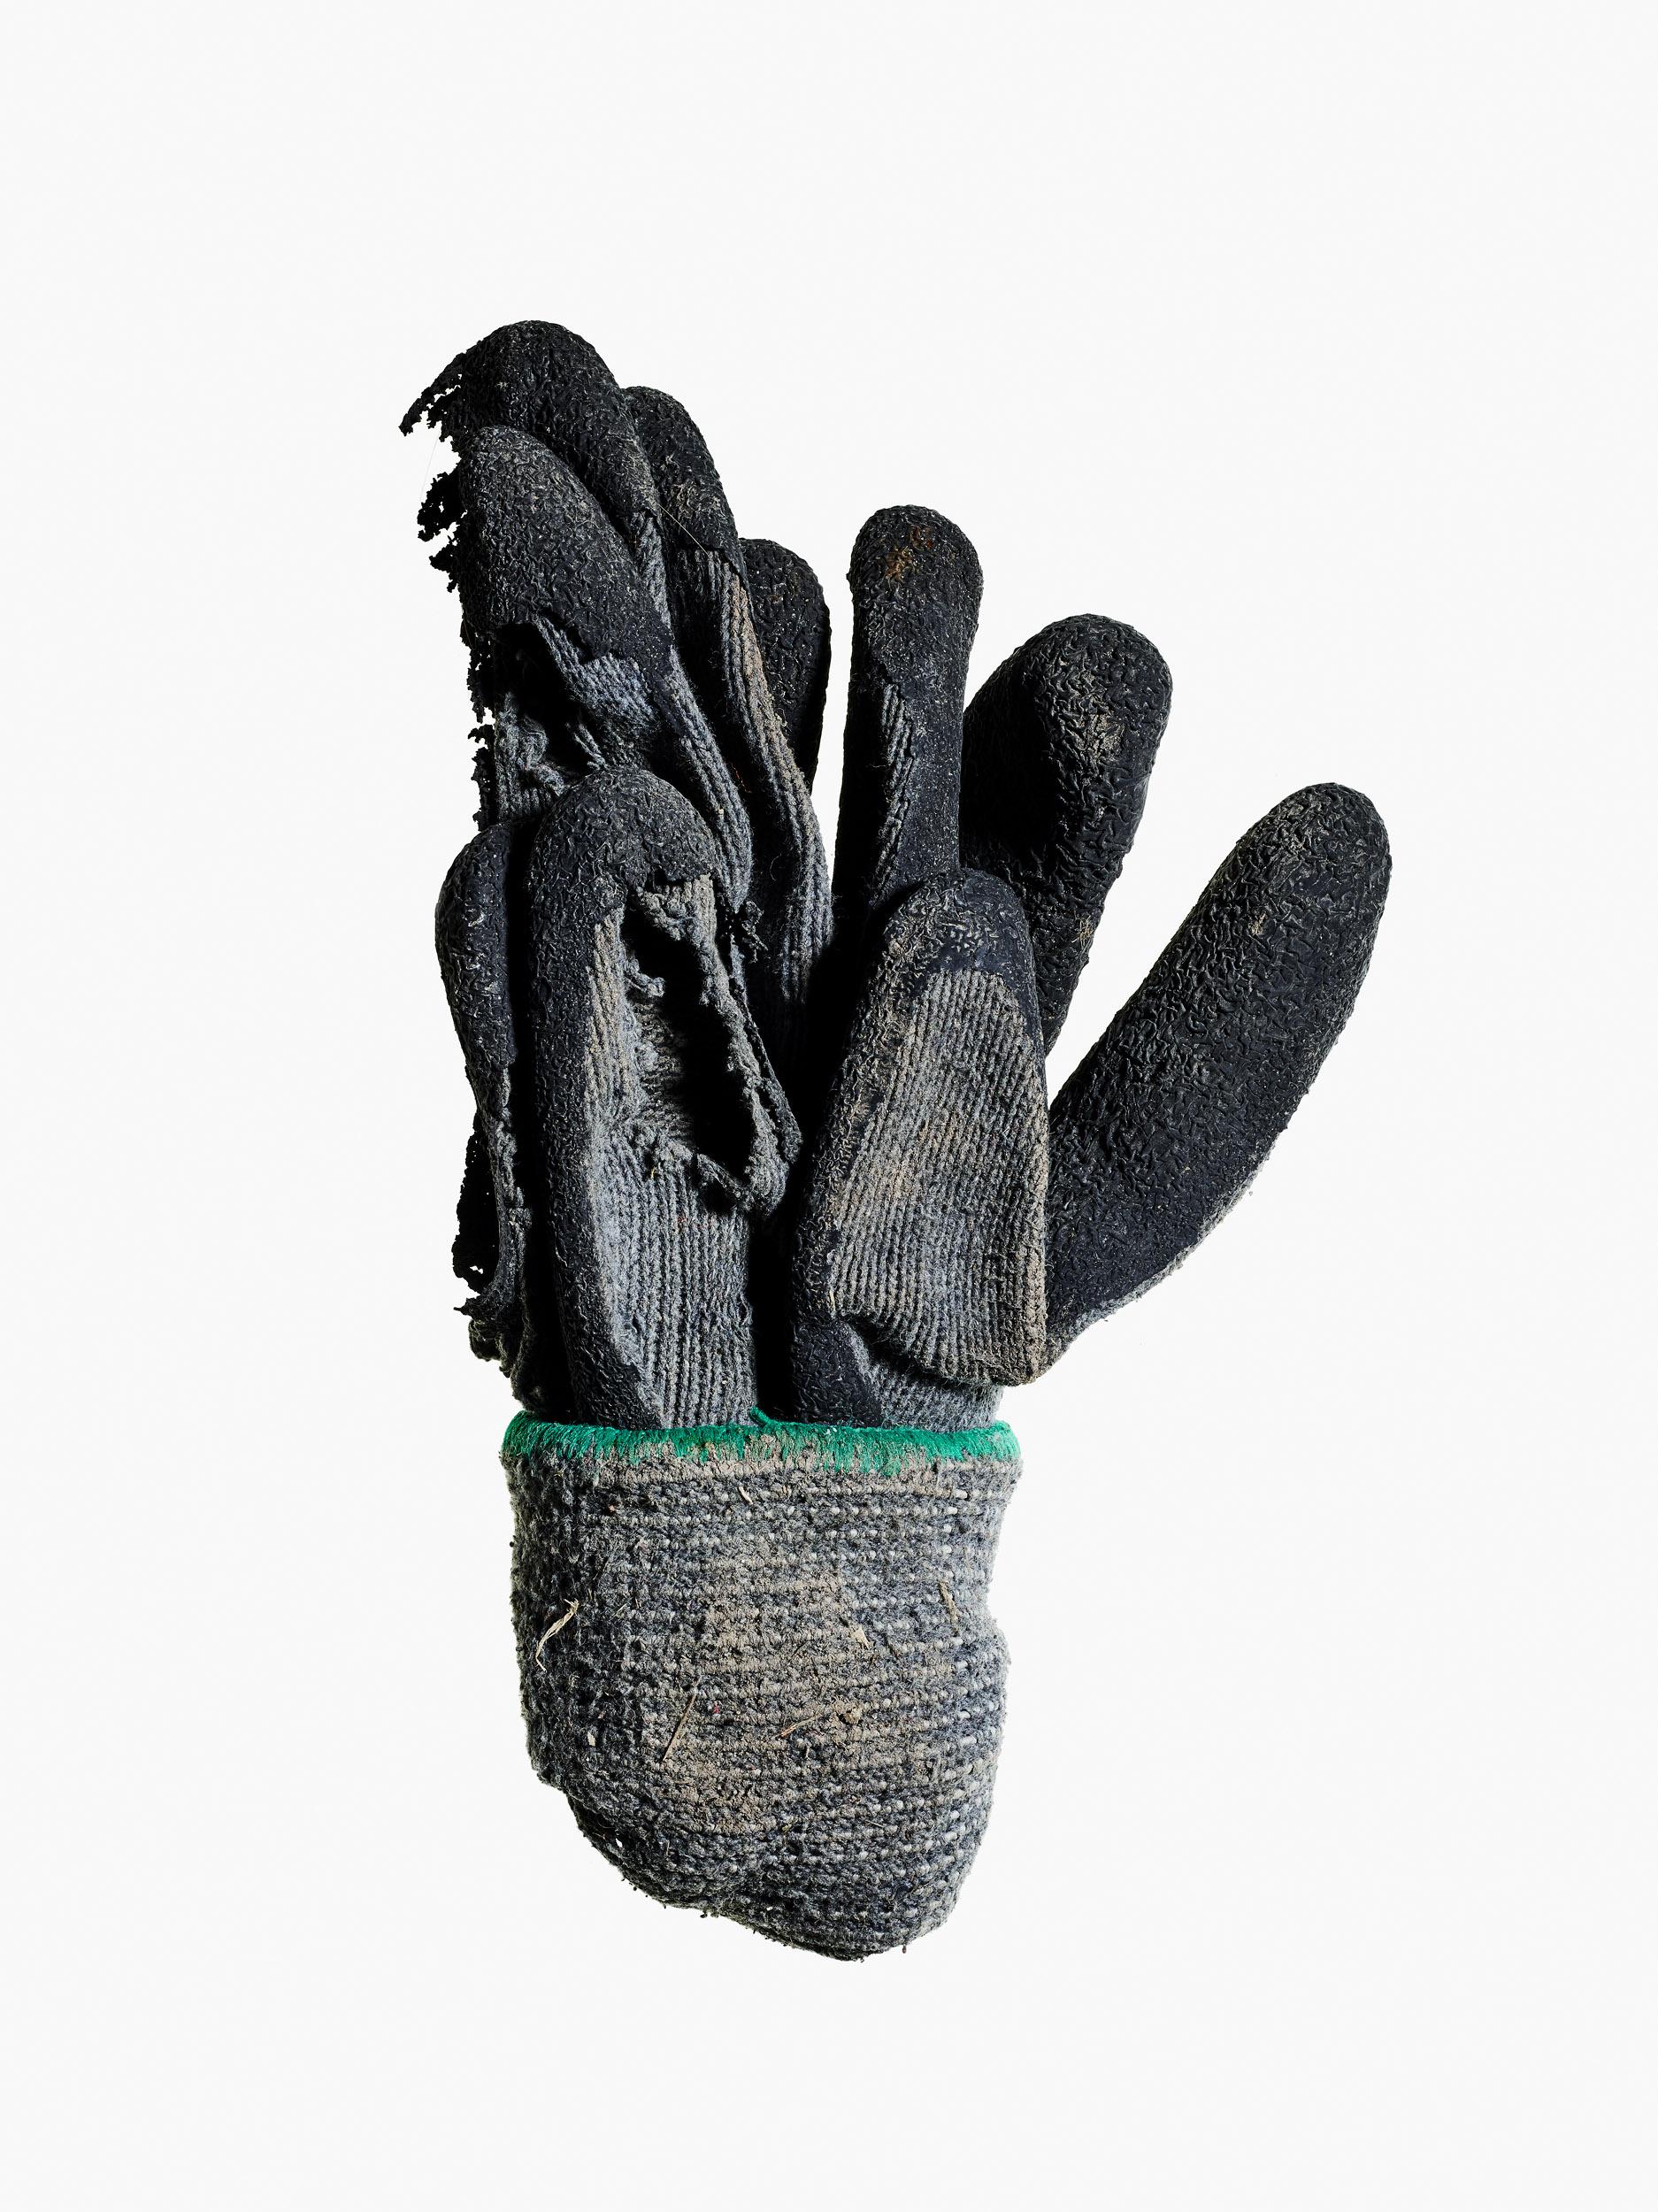 20190321 Gloves-2687 B,Radius4,Smoothing2.jpg